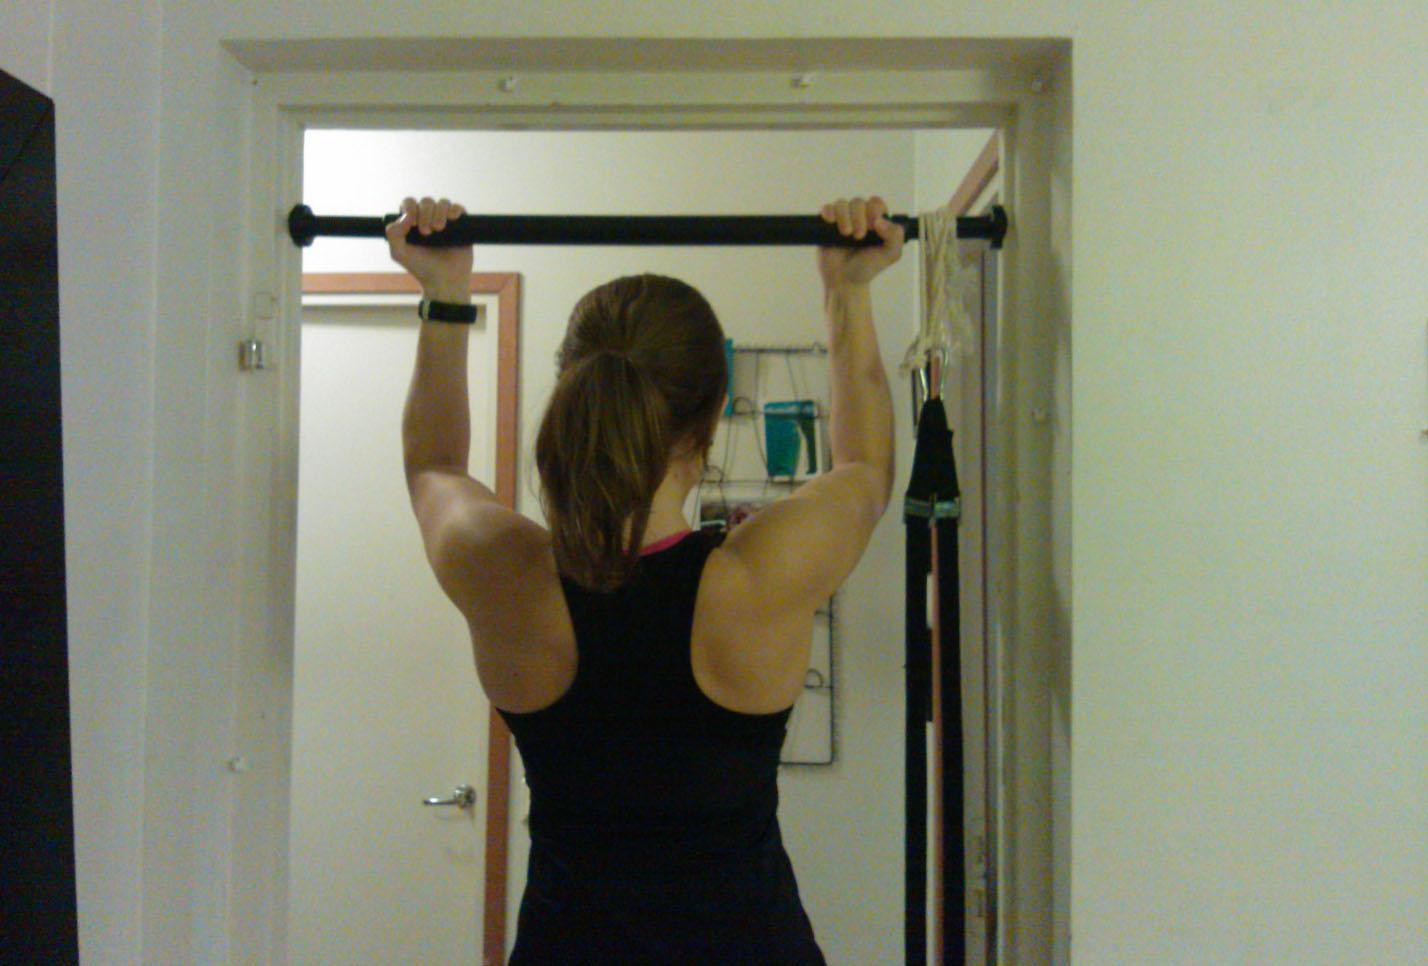 Veckans utmaning: Lär dig pull-ups